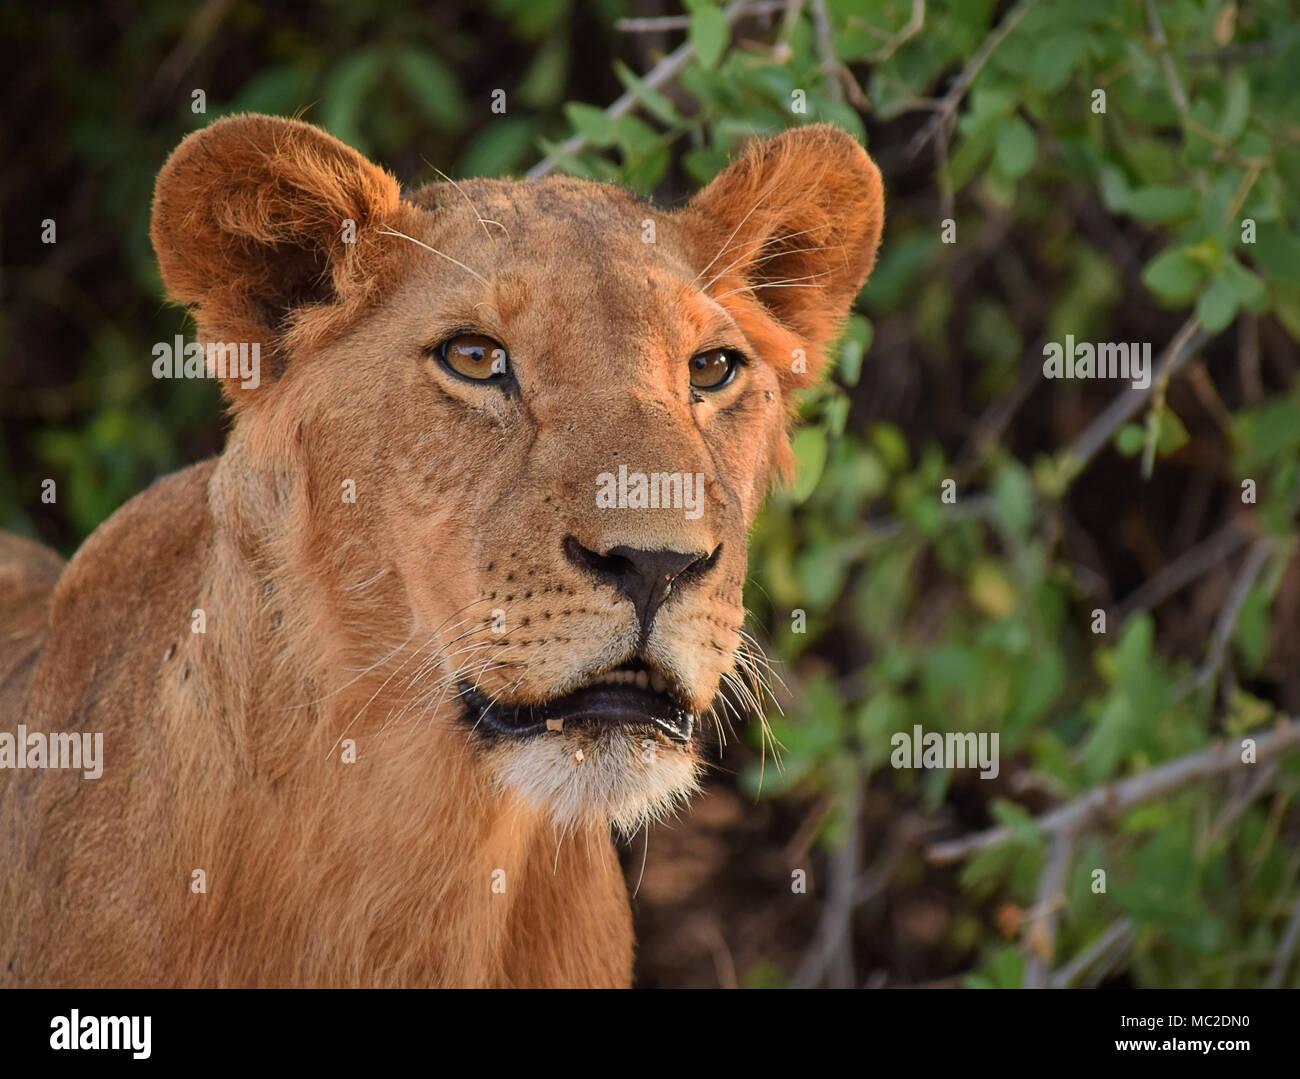 Young lion portrait - Stock Image